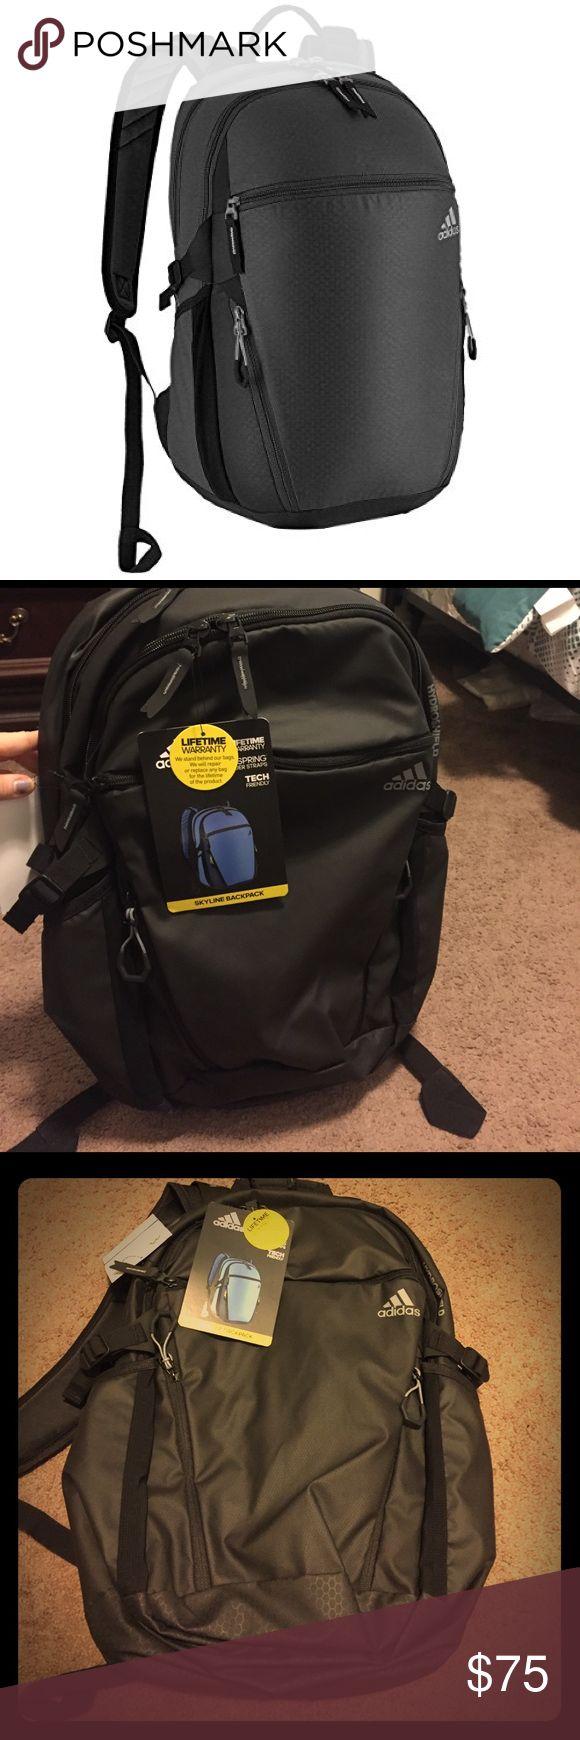 Adidas Waterproof backpack All black packpack with waterproof coating. NWT Adidas Bags Backpacks